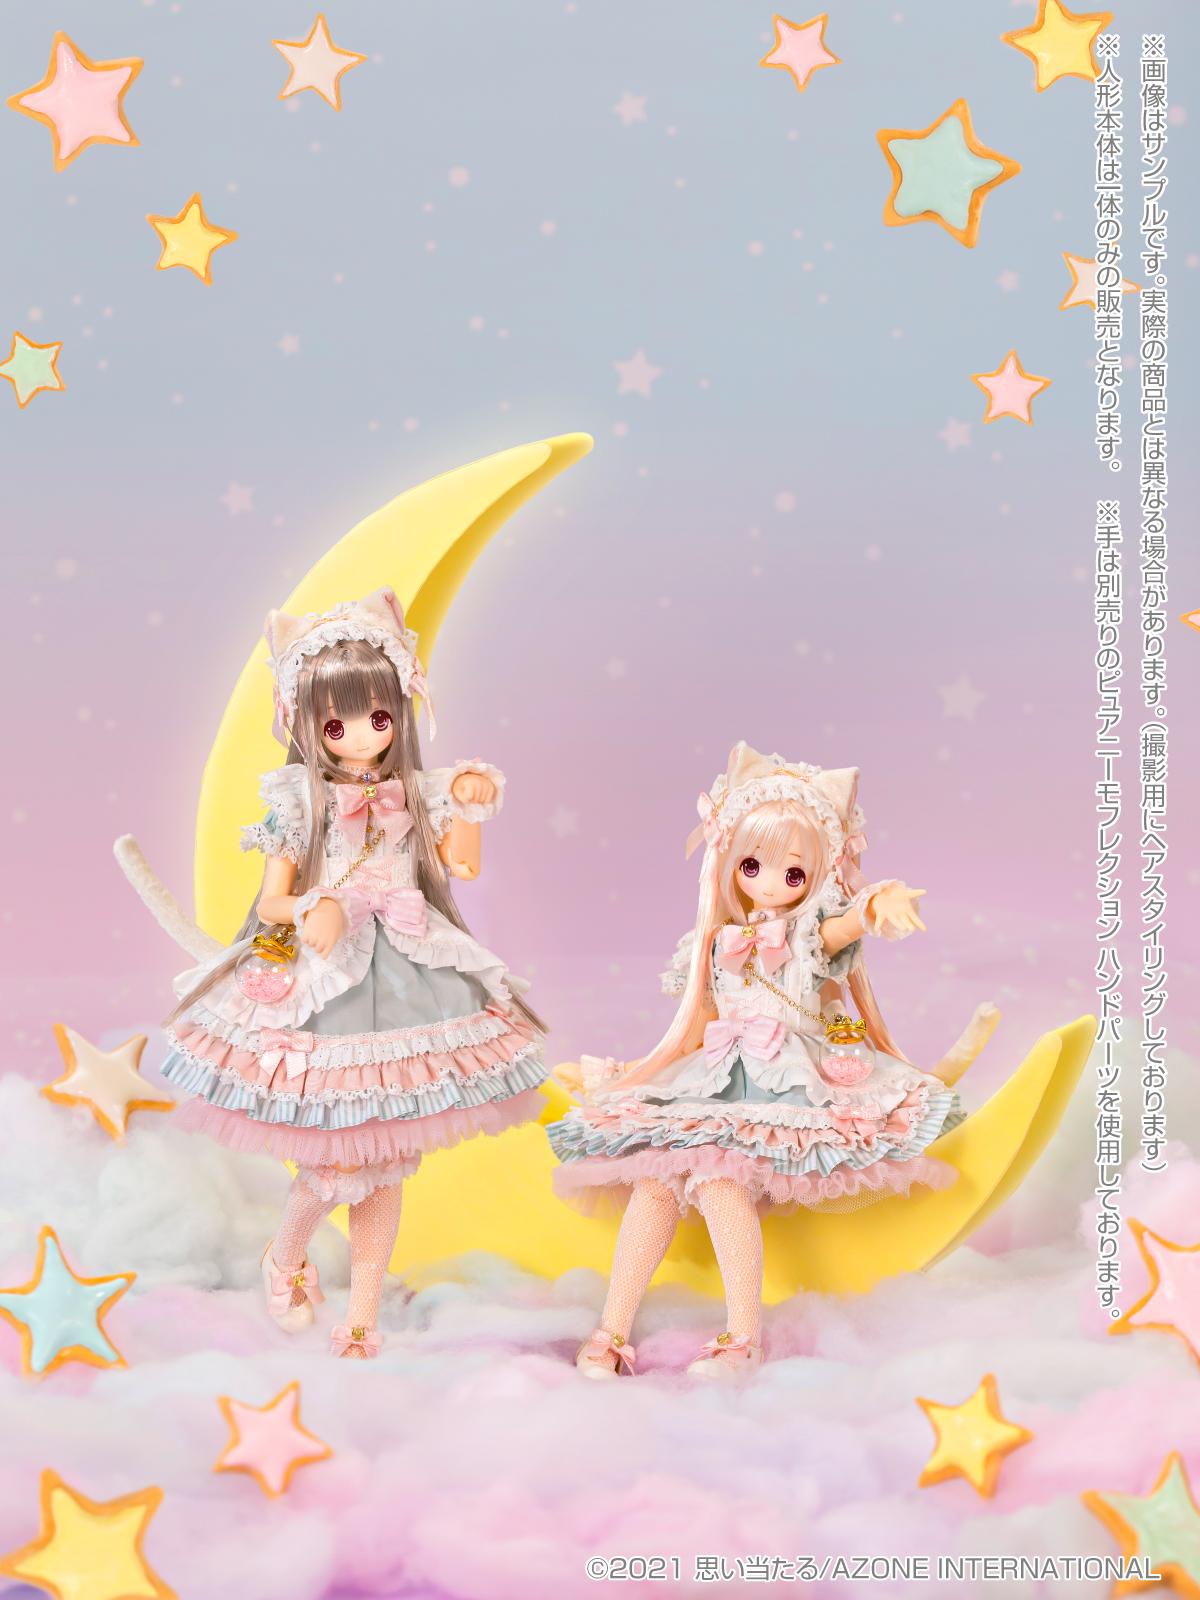 Star Sprinkles『Moon Cat Chiika/ちいか』えっくす☆きゅーと 1/6 完成品ドール-001